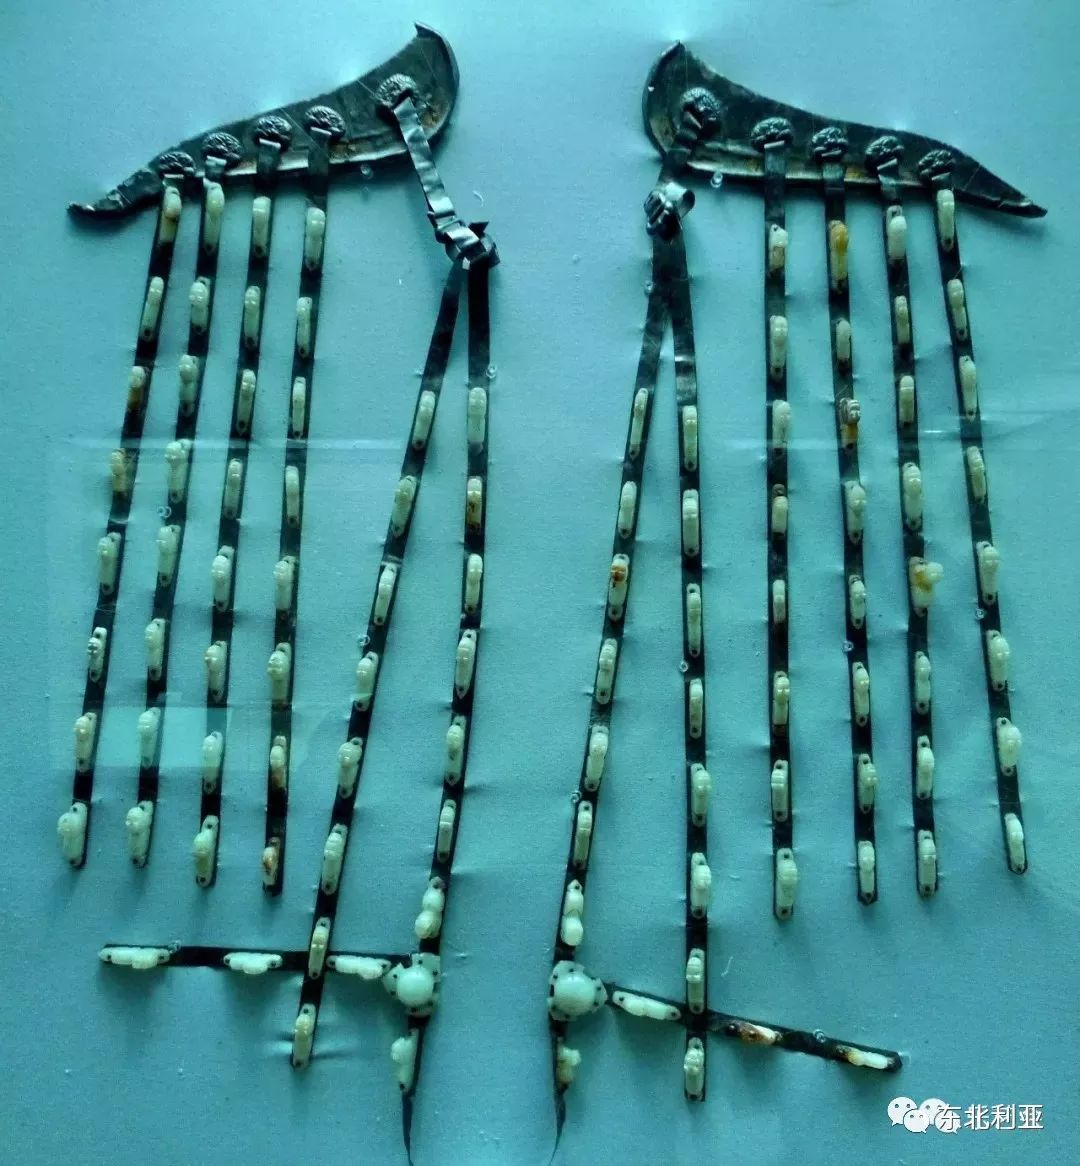 图集丨辽元时期的豪华马鞍与装饰 第11张